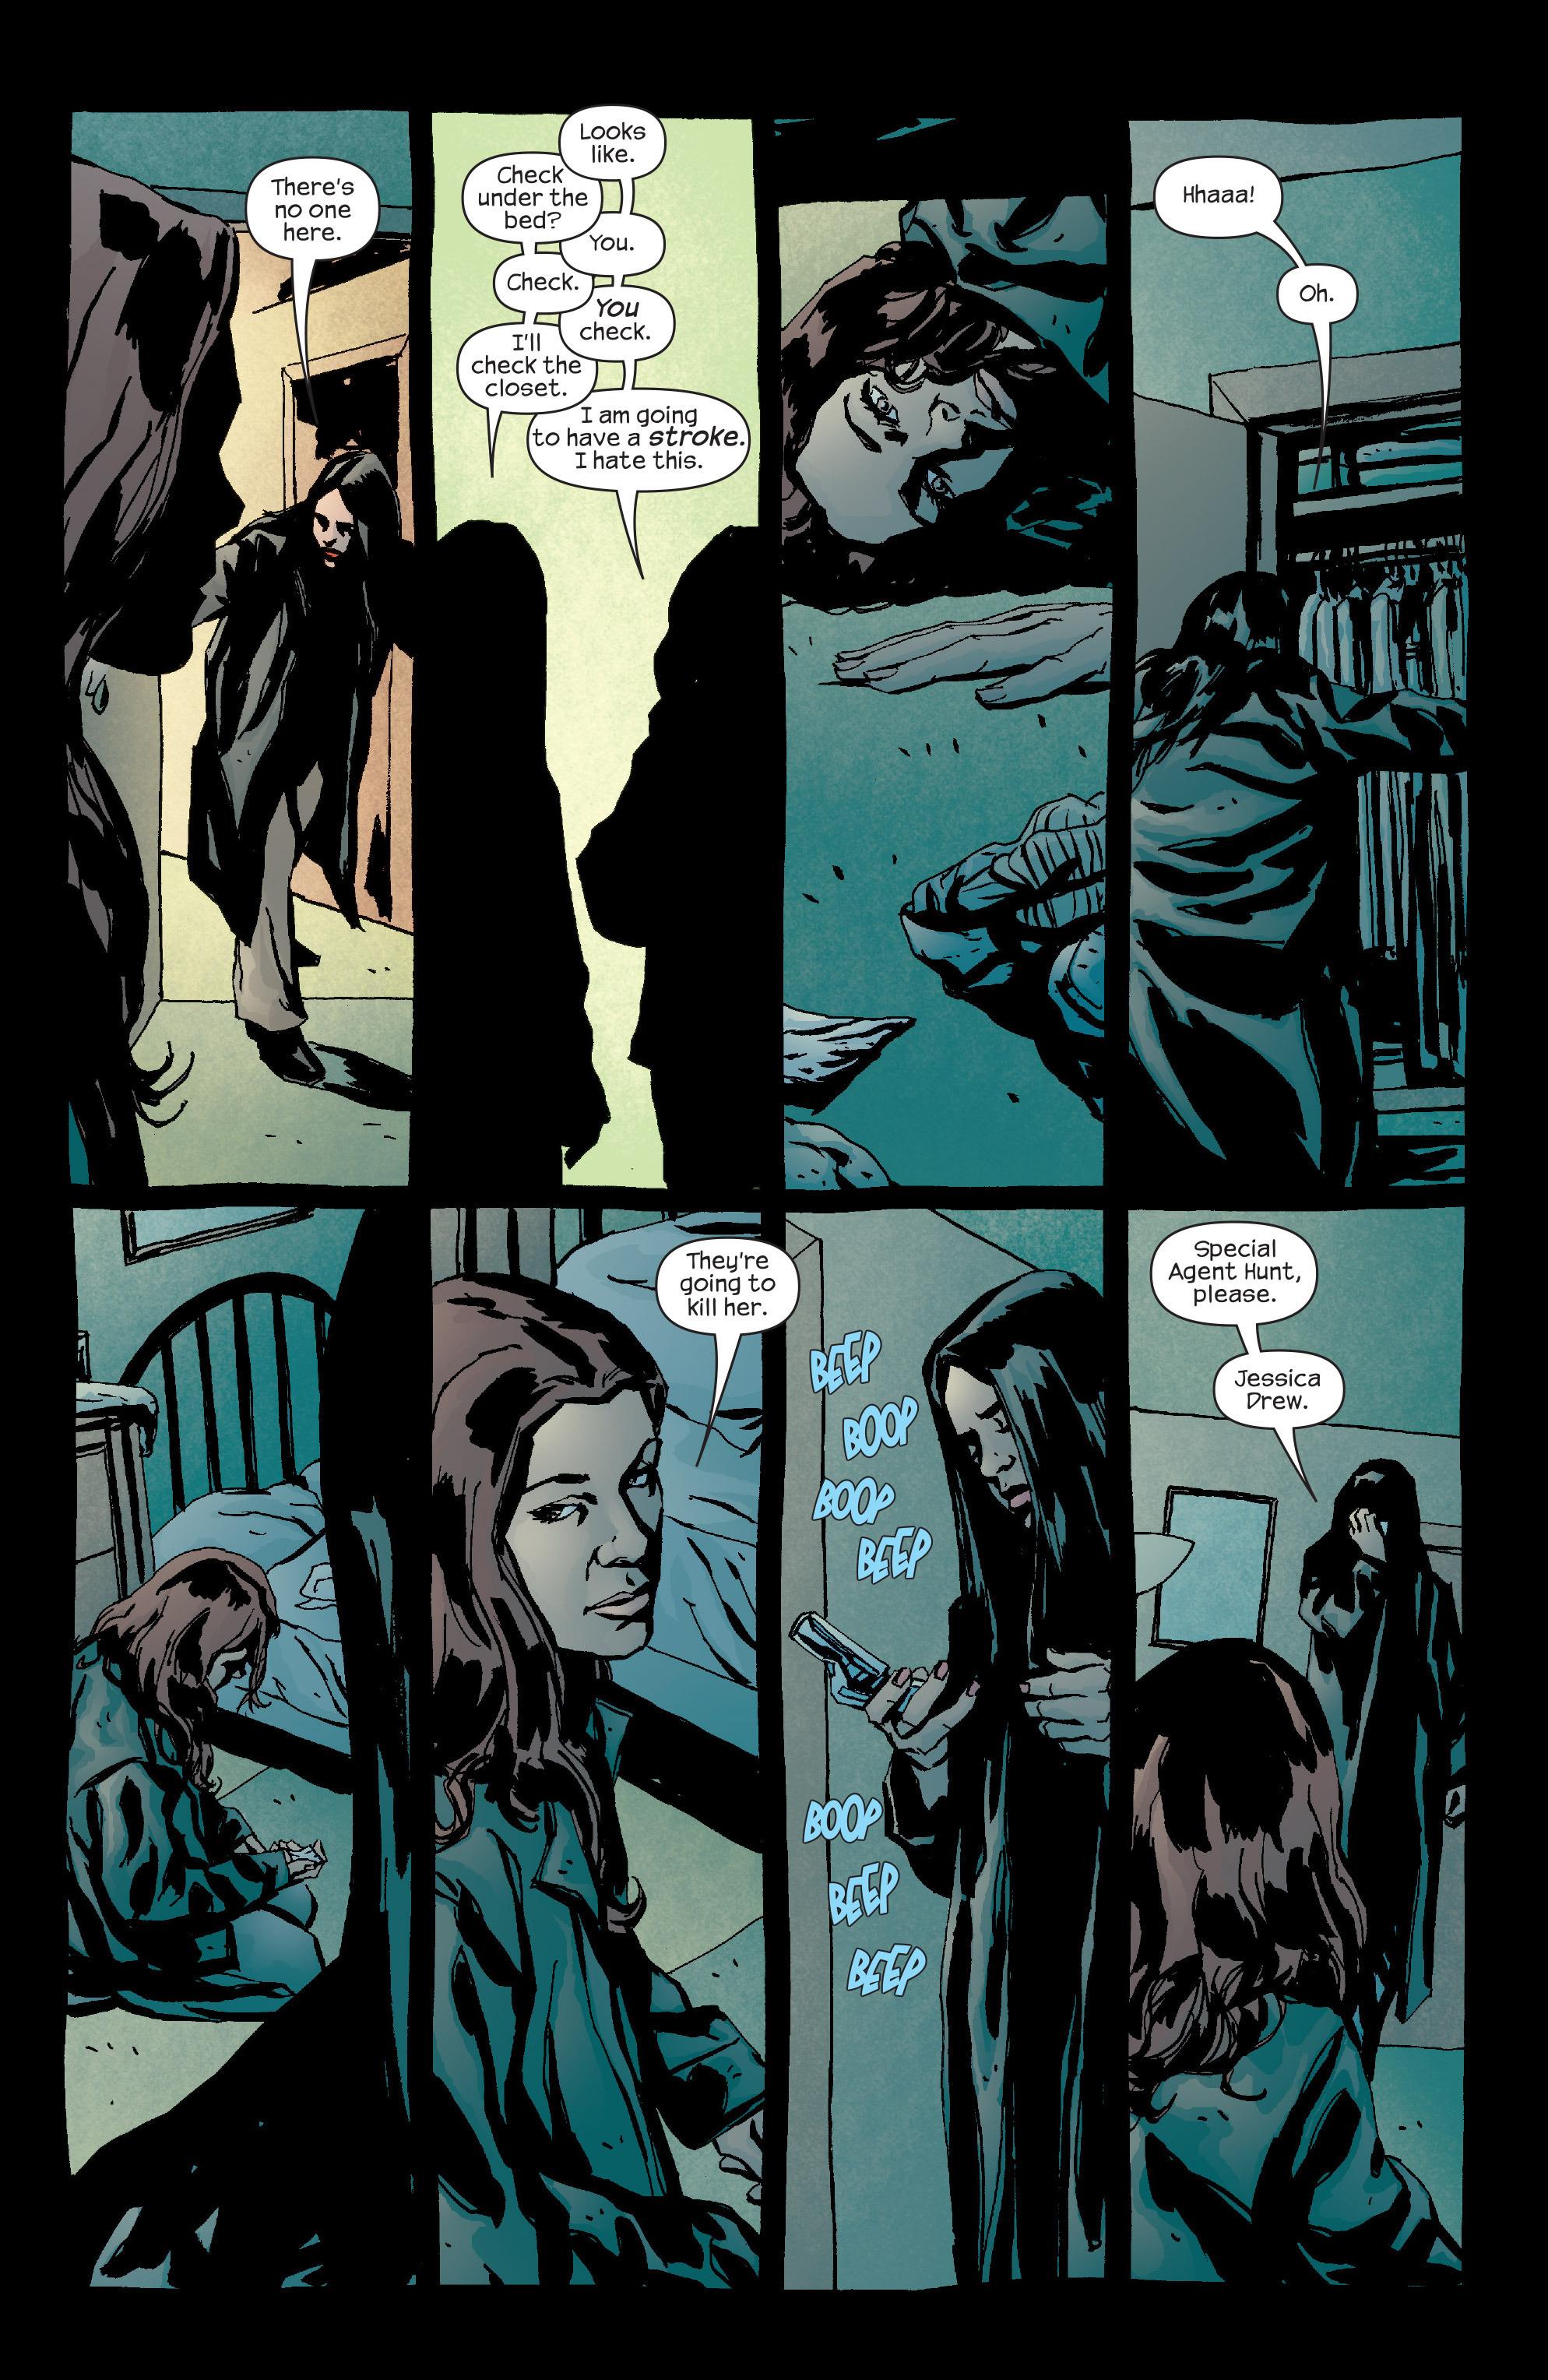 Read online Alias comic -  Issue #20 - 16